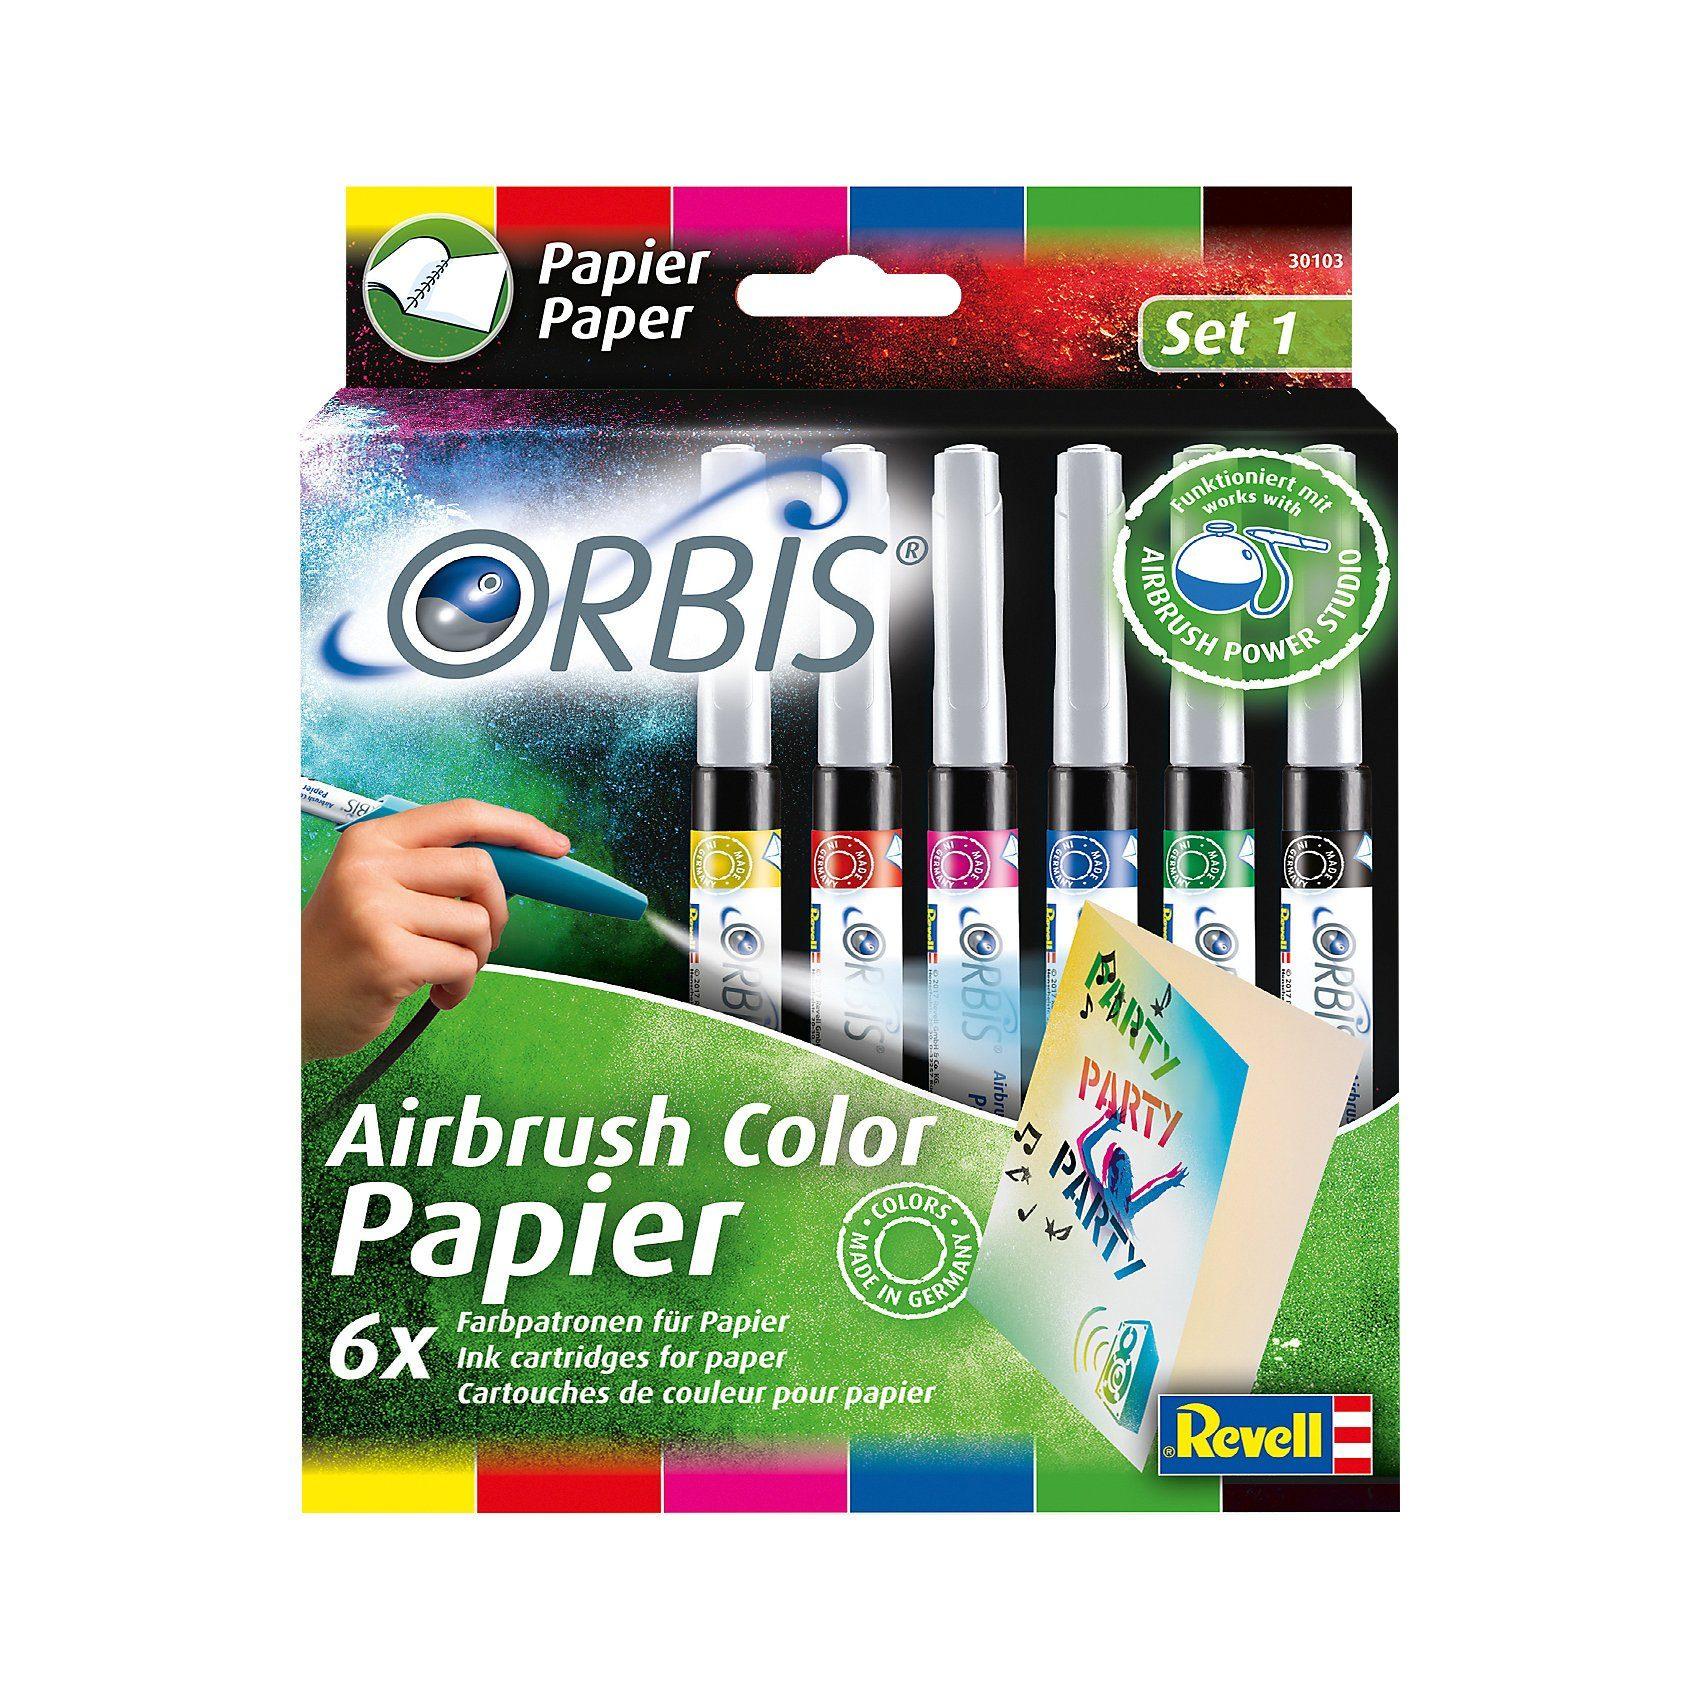 Revell Orbis 30103 Airbrush Papierpatronen Standardfarben, 6 Stück